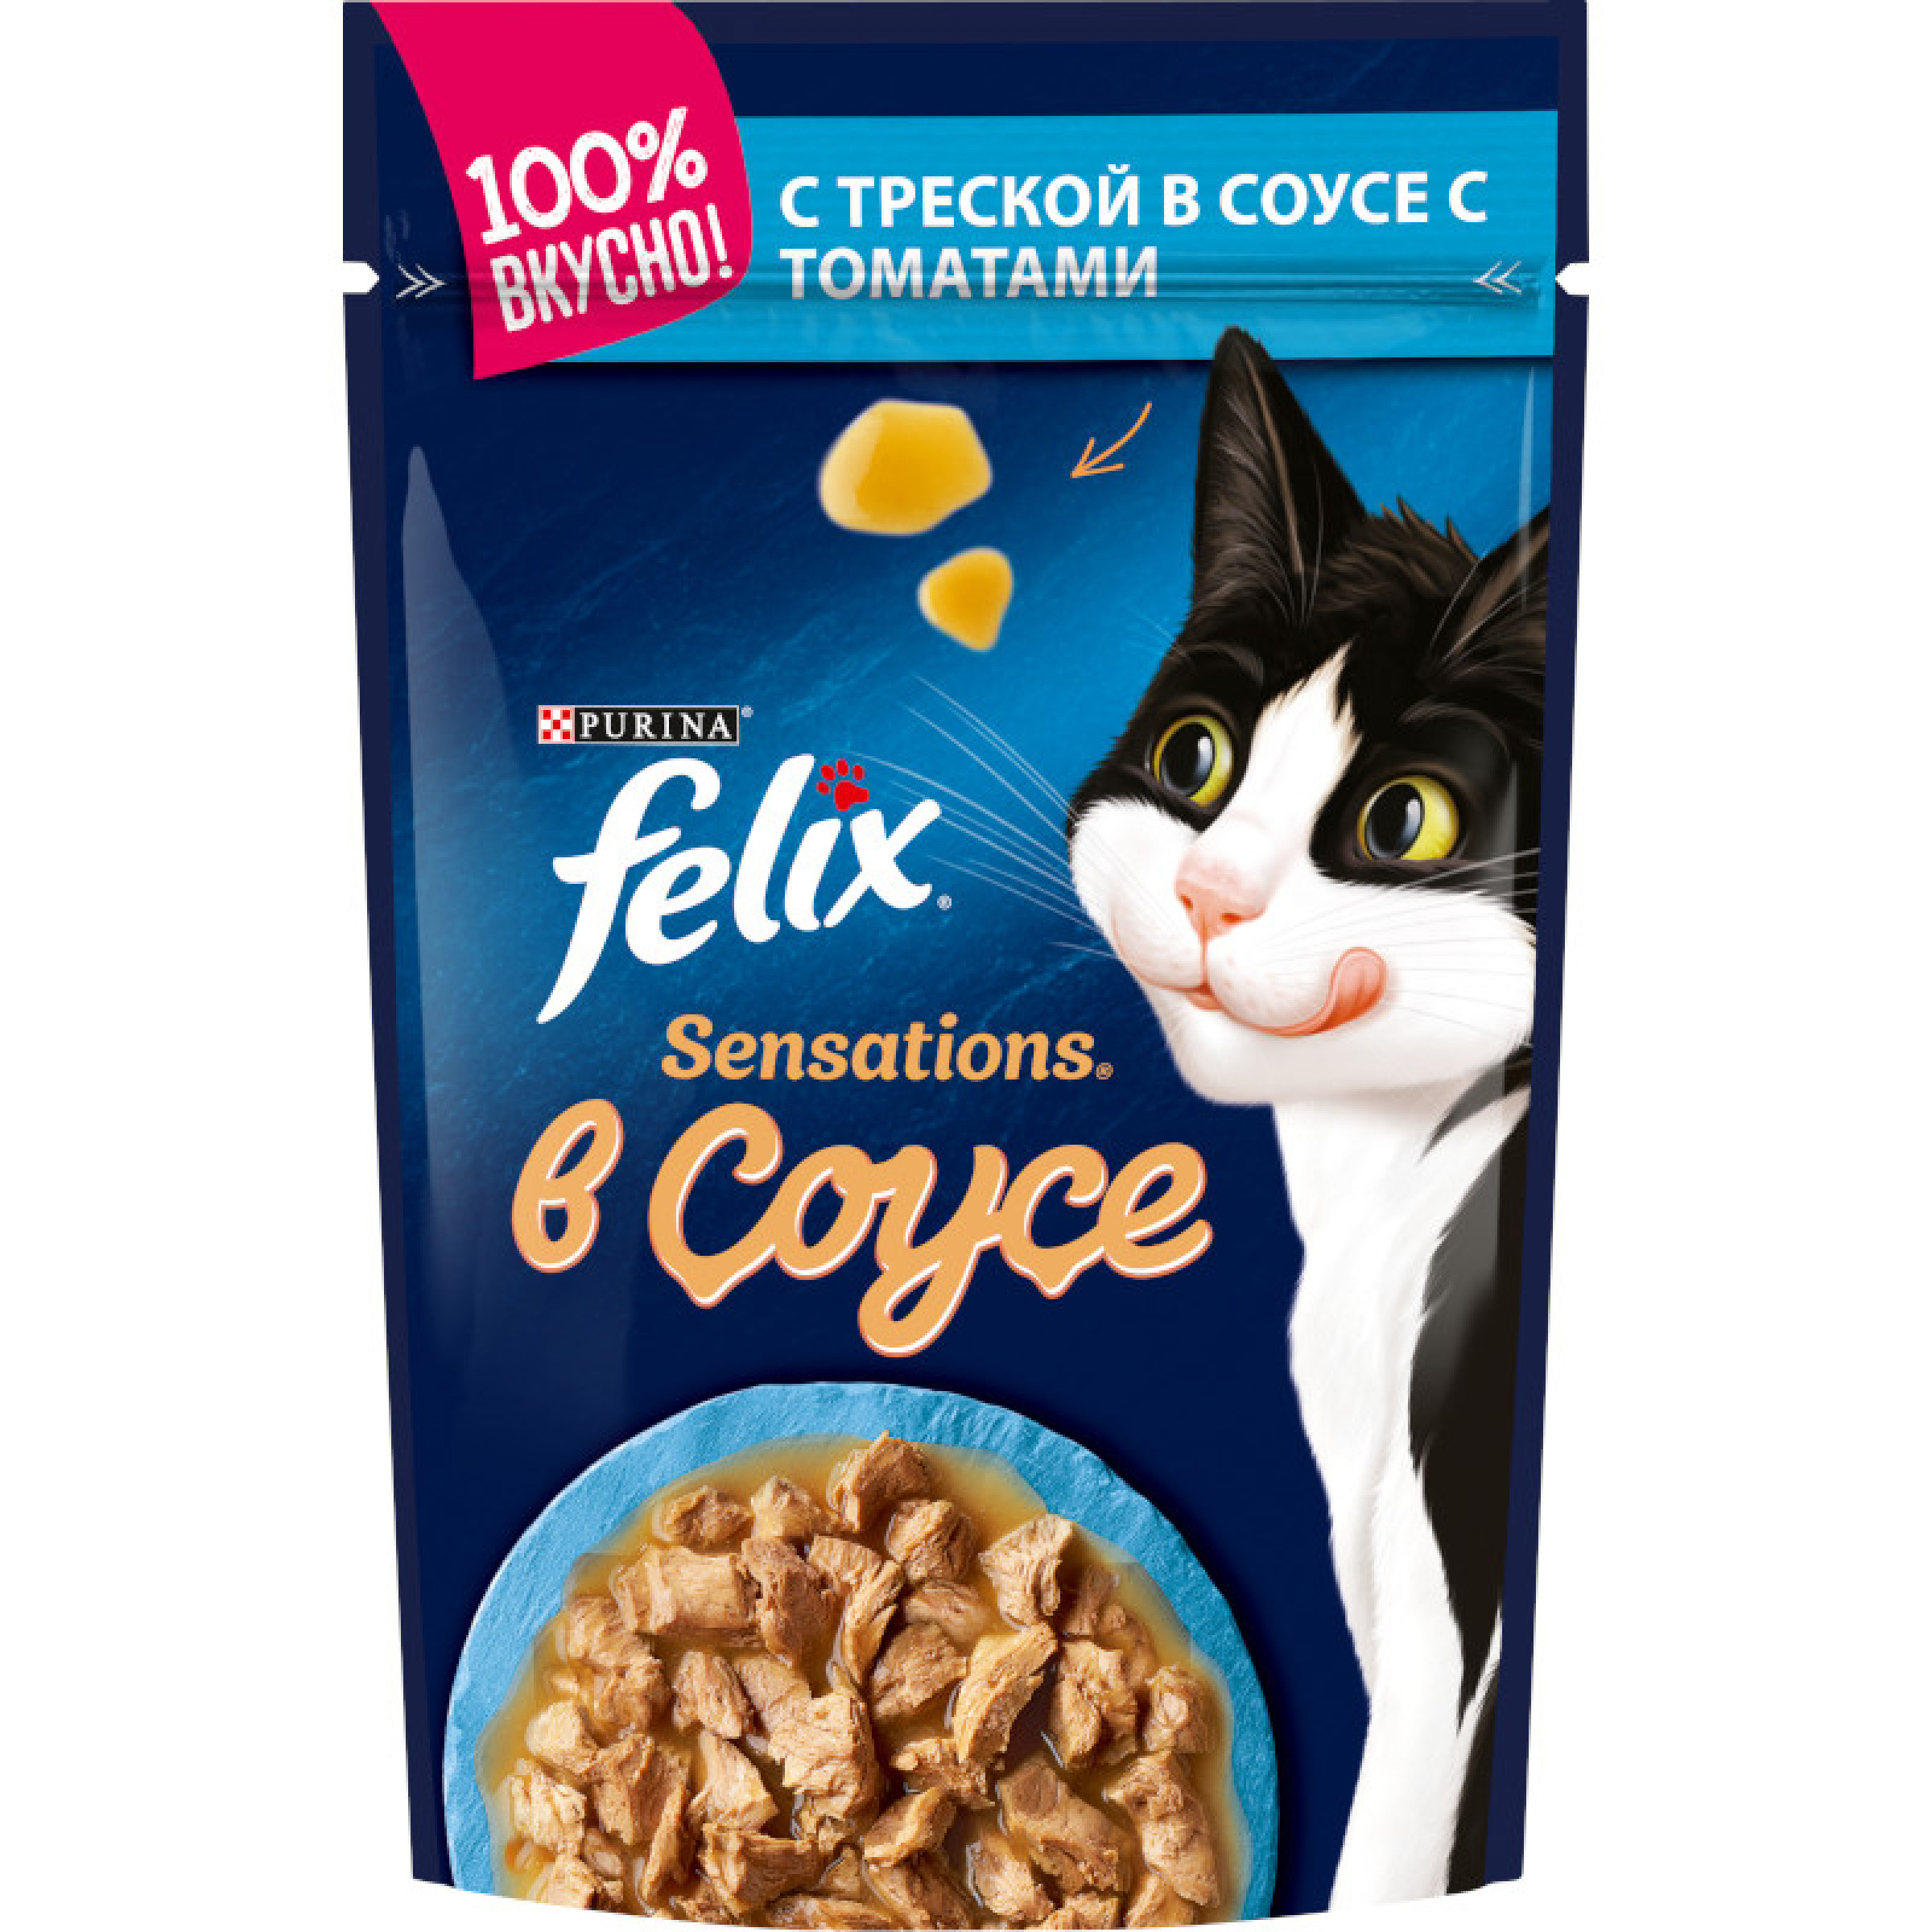 Влажный корм FELIX Sensations® для взрослых кошек, с треской в соусе с томатами, 85 г